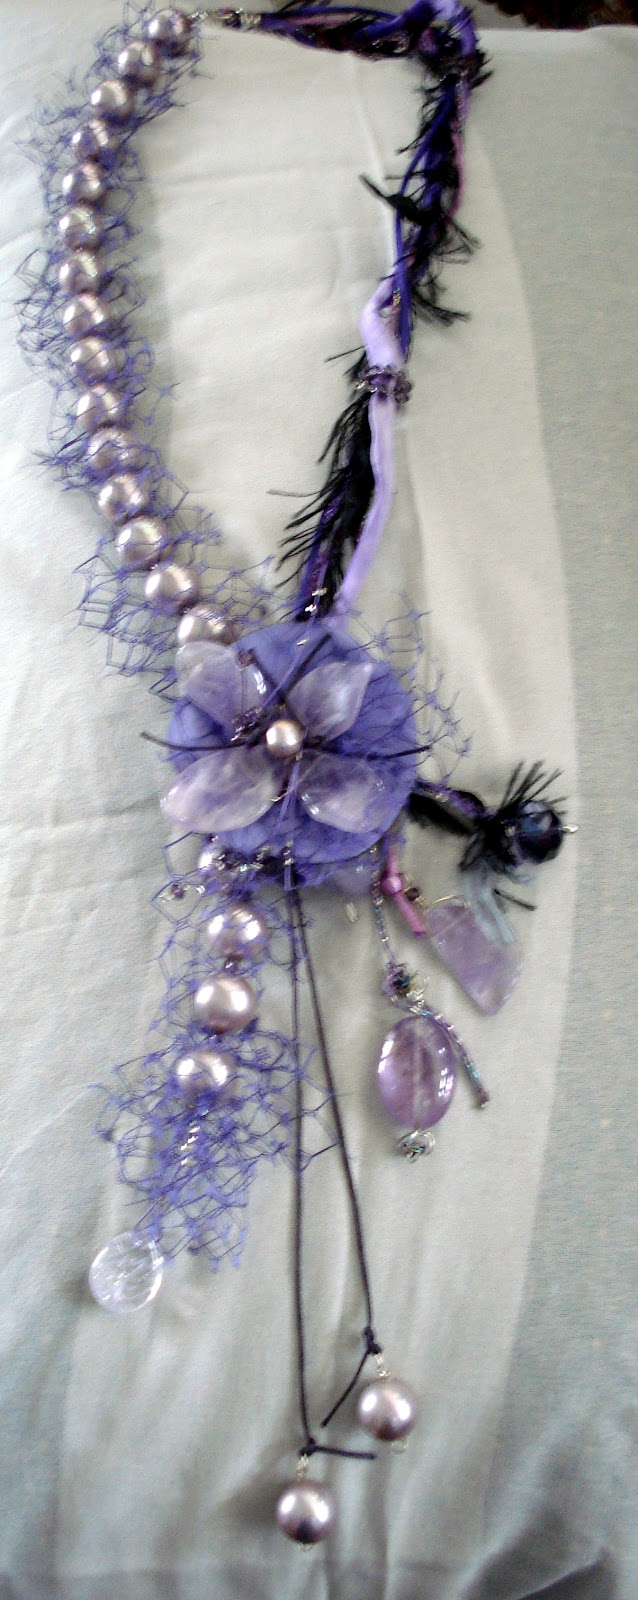 Χειροποίητο ασημένιο κολιέ με μαργαριτάρια και σβαρόφσκι χάντρες. Handmade  silver necklace with pearls and swarovski beads. no.008 c1220e38423